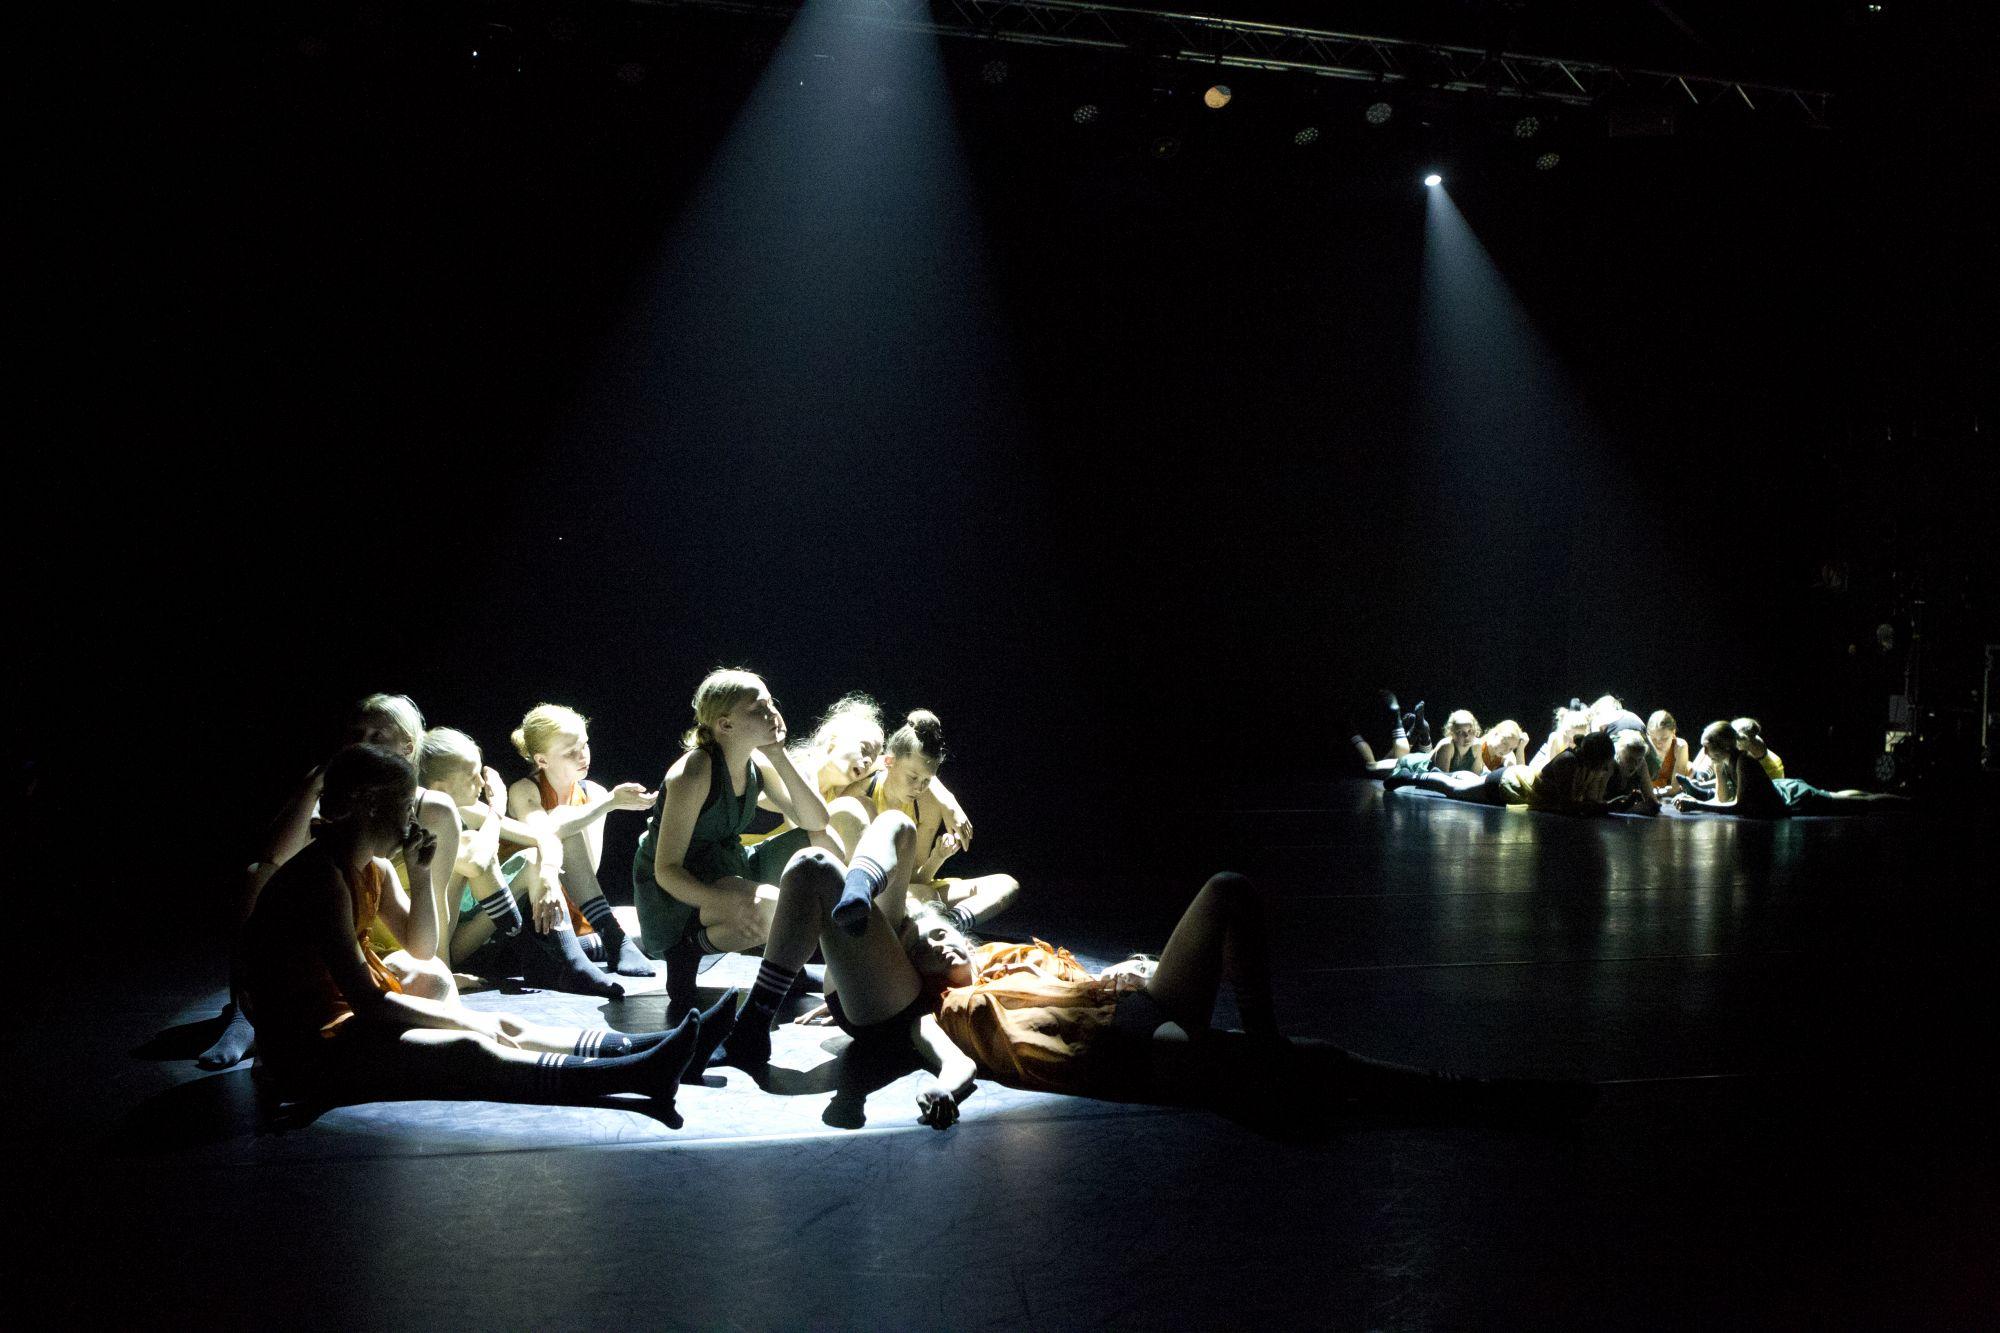 Oppilaitokset On Stage